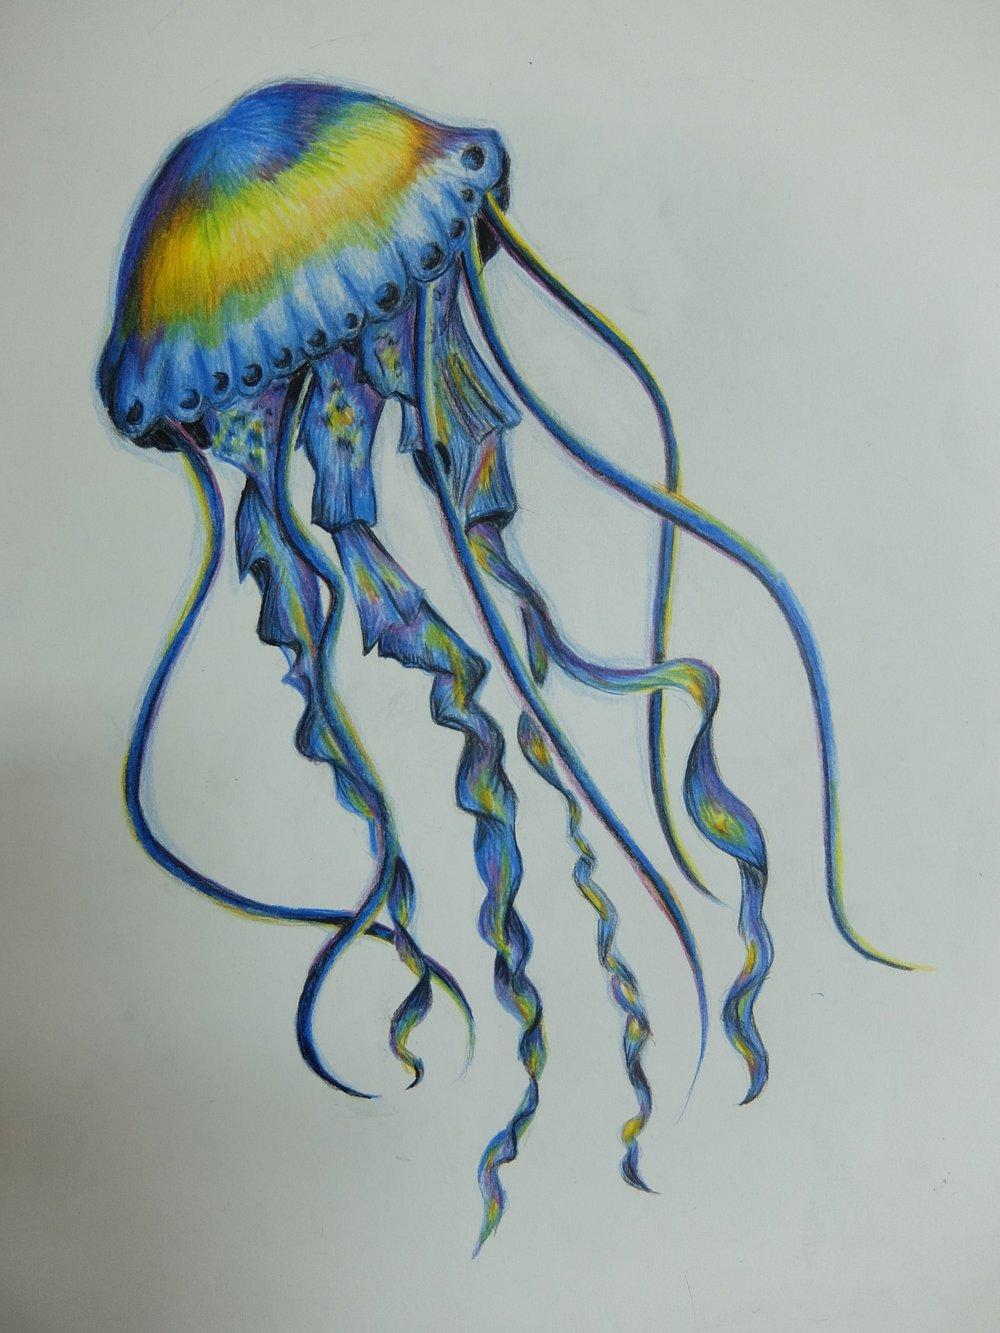 Jellyfish by Preme, 10 years old, Canadian International School, Abu Dhabi, UAE